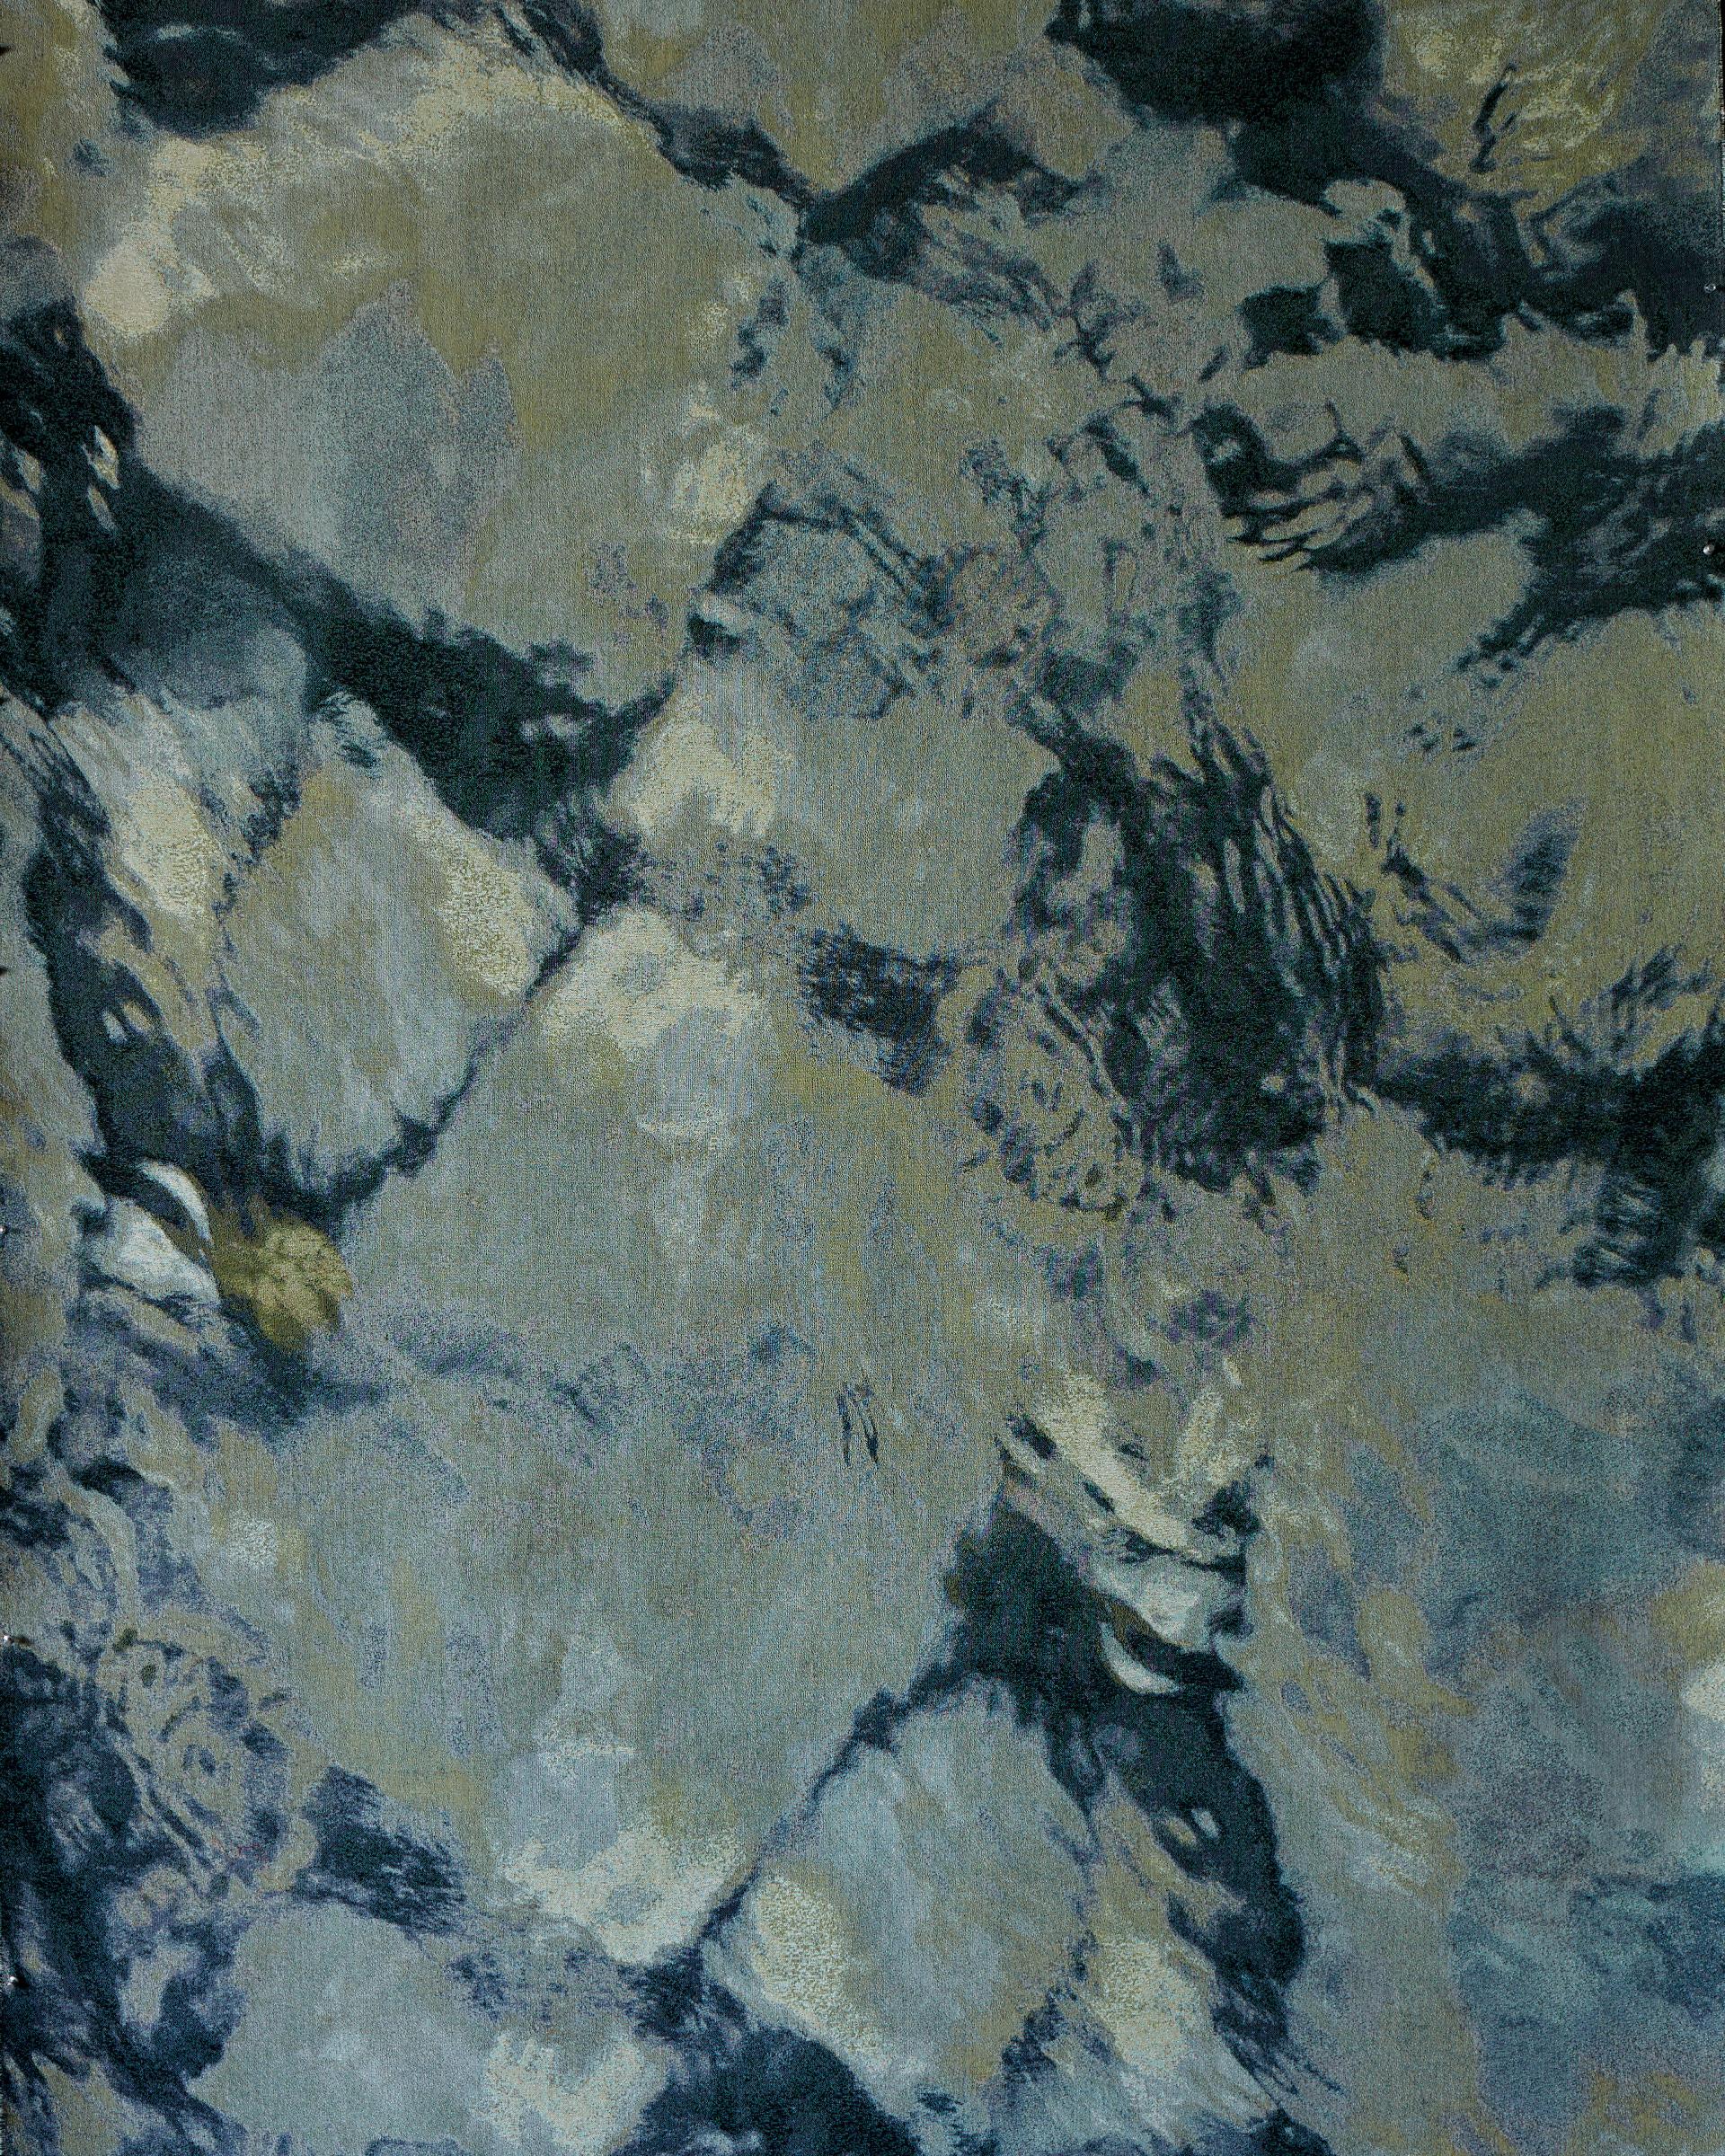 mts fabric lengths3858 1.jpg